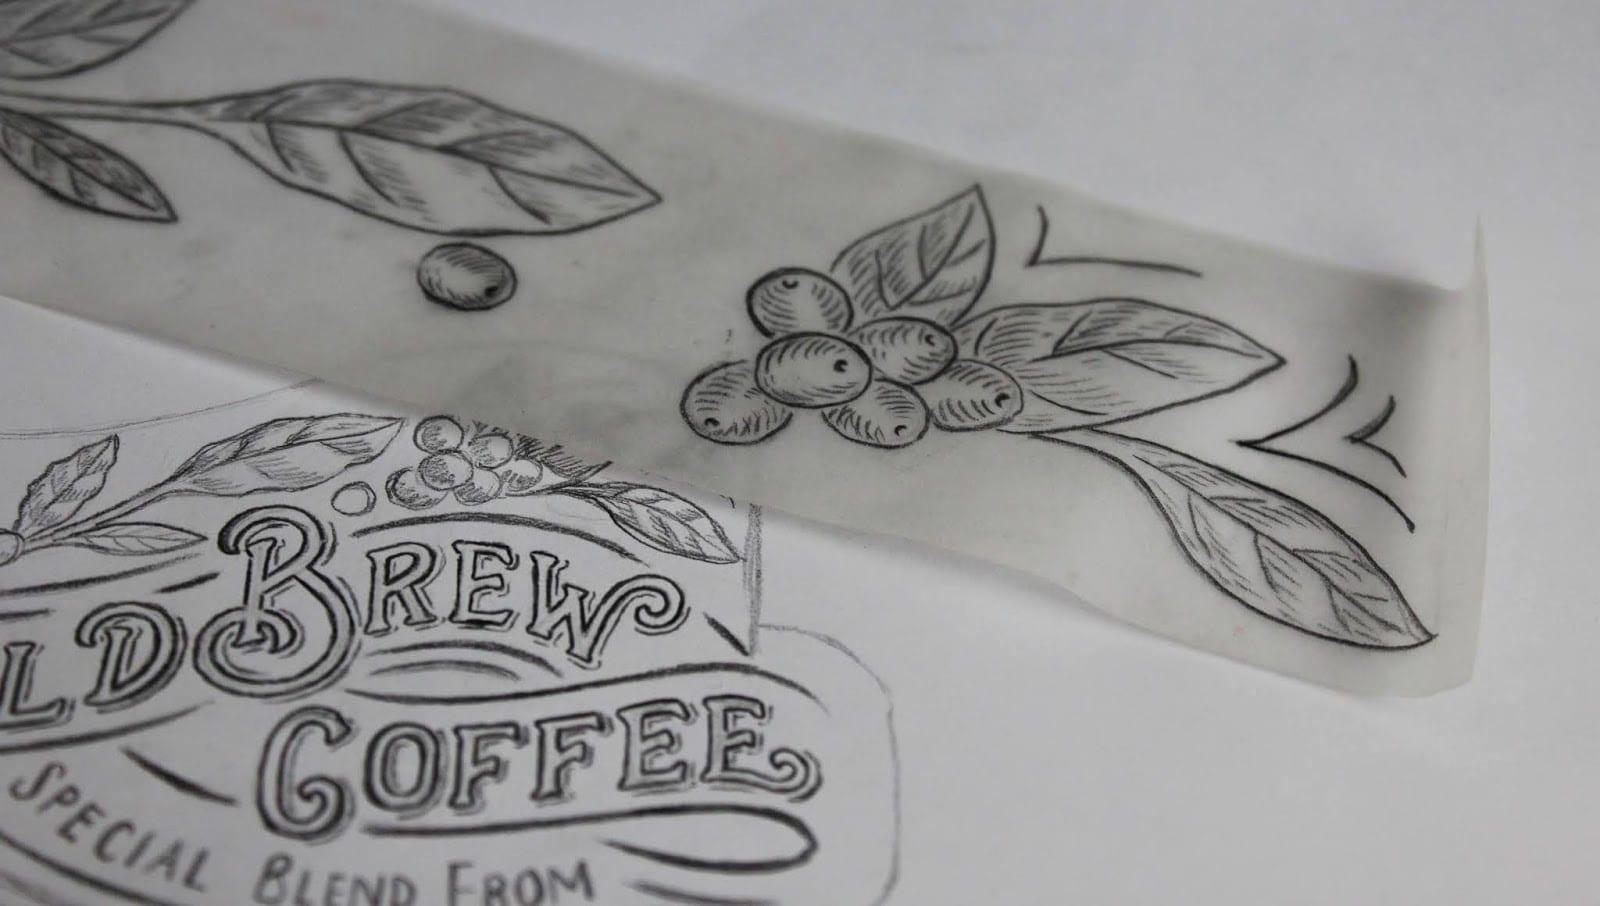 cold brew8 - Ach, tie obaly – Coffeemamma Cold Brew